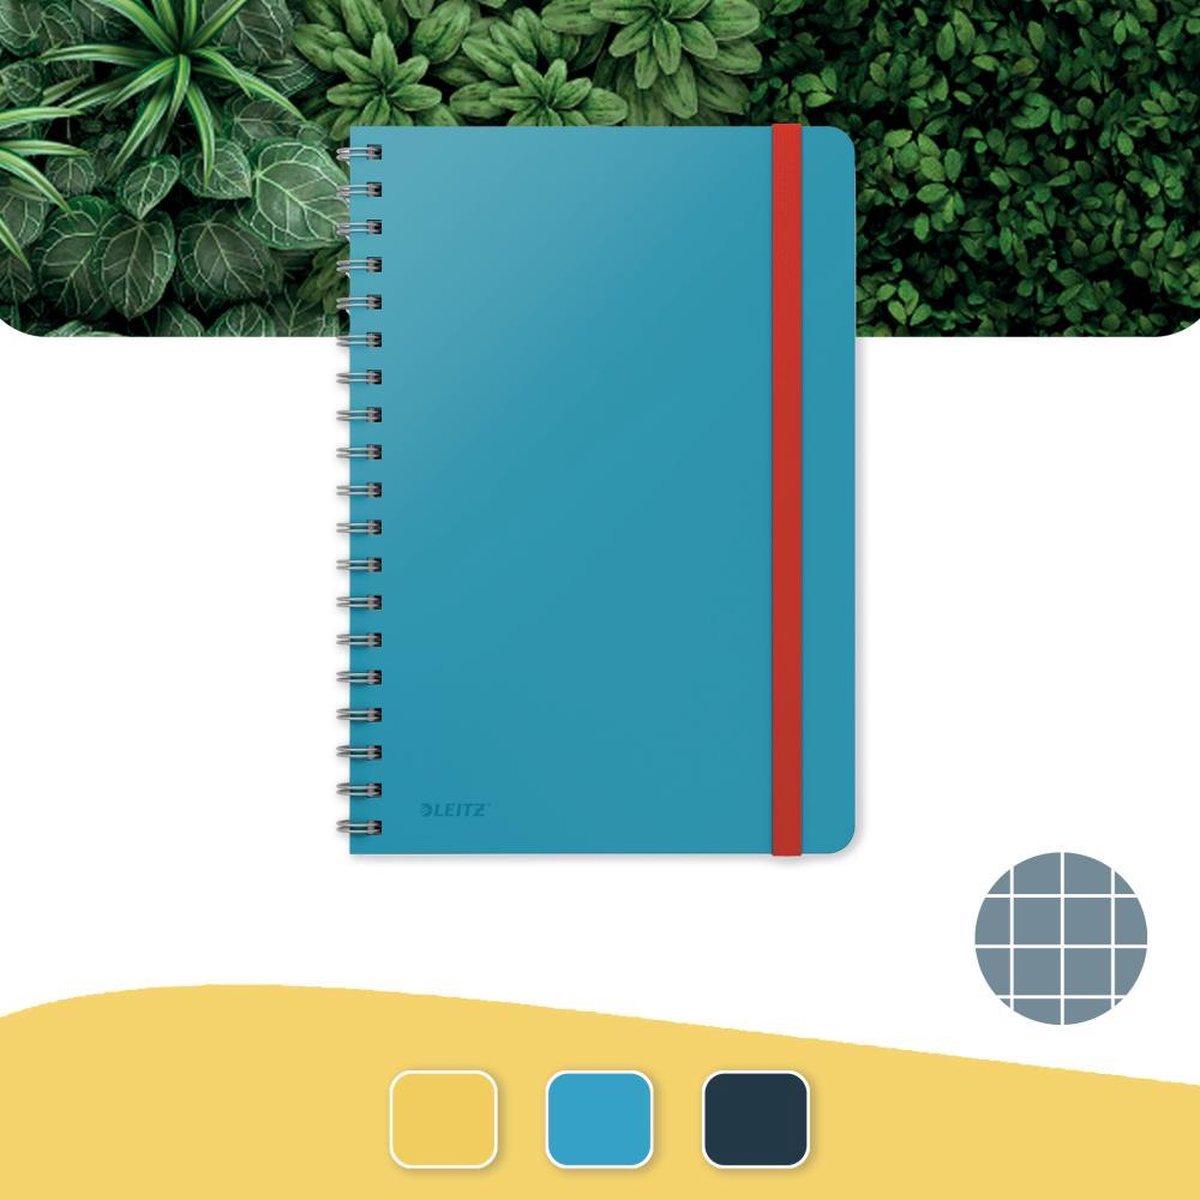 Leitz Cosy Notitieboek B5 Soft Touch Geruit - Notitieboek Hard Cover - Spiraalgebonden - Voor Kantoor En Thuiswerken - Sereen Blauw - Ideaal Voor Thuiskantoor